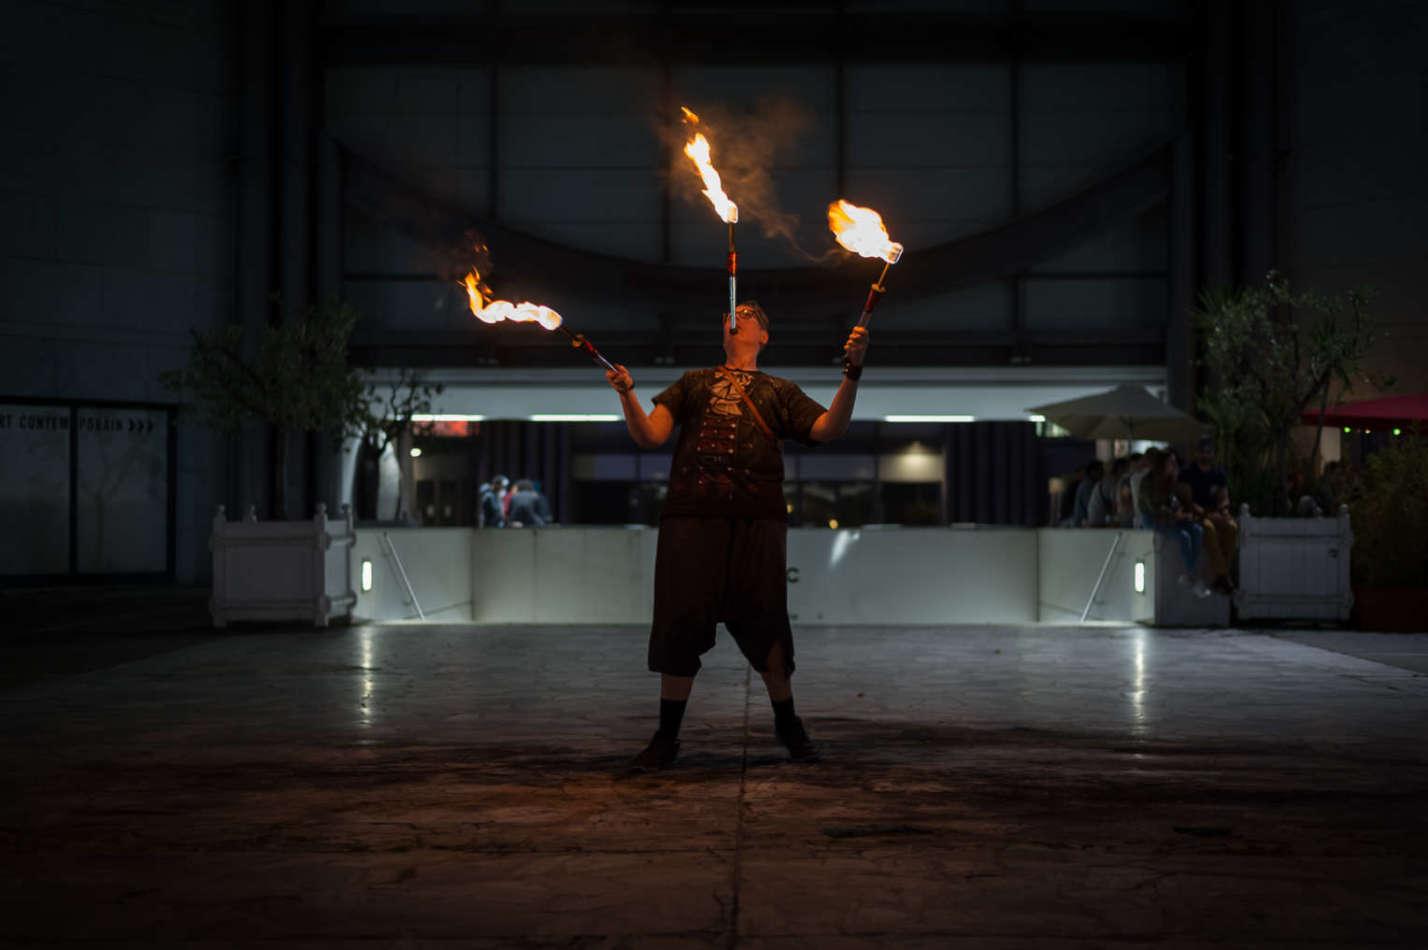 jongleur de feu, cracheur de feu, spectacle de feu, animation feu, spectacles enfants